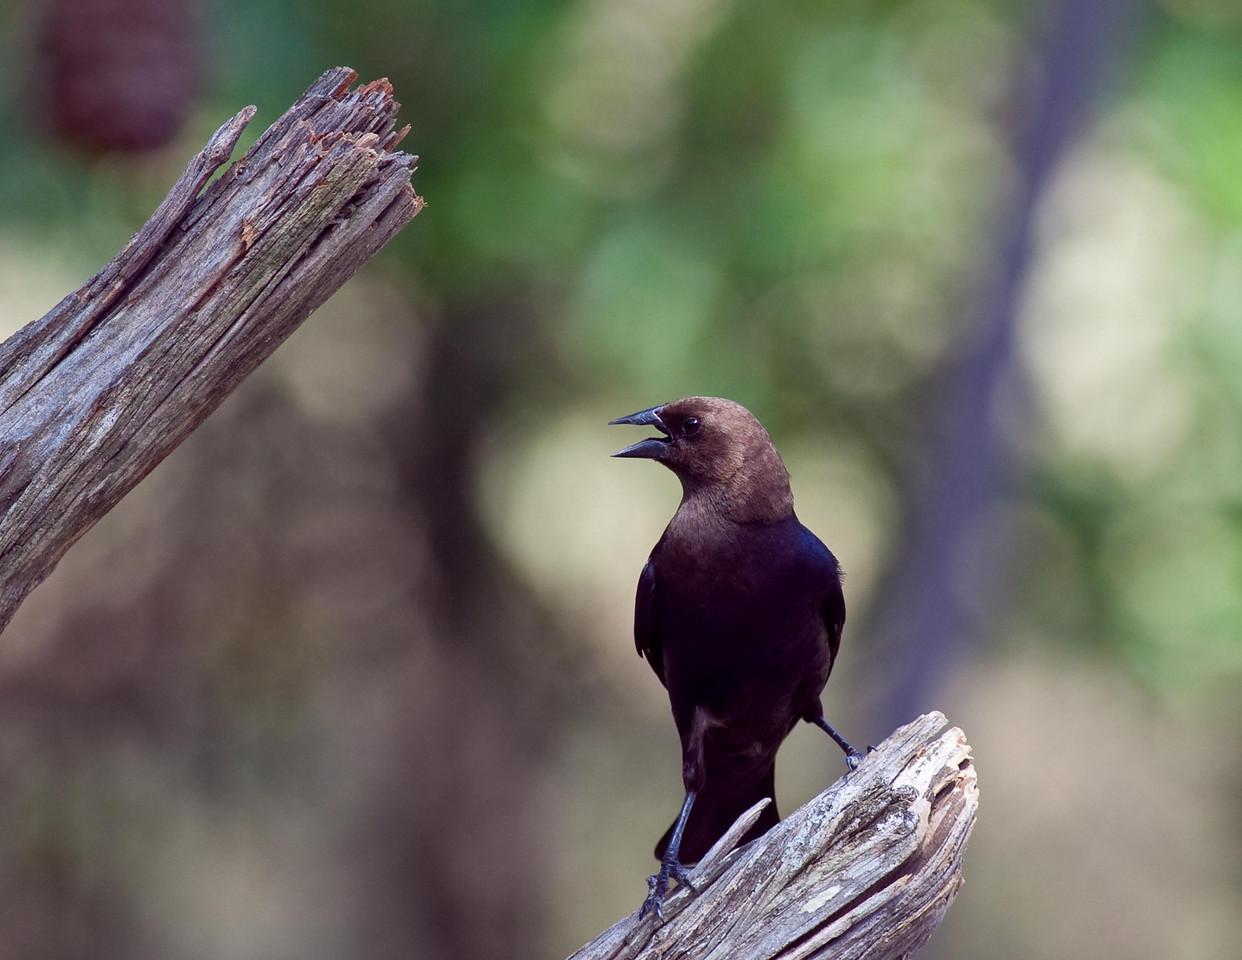 Male Brown Headed Cowbird